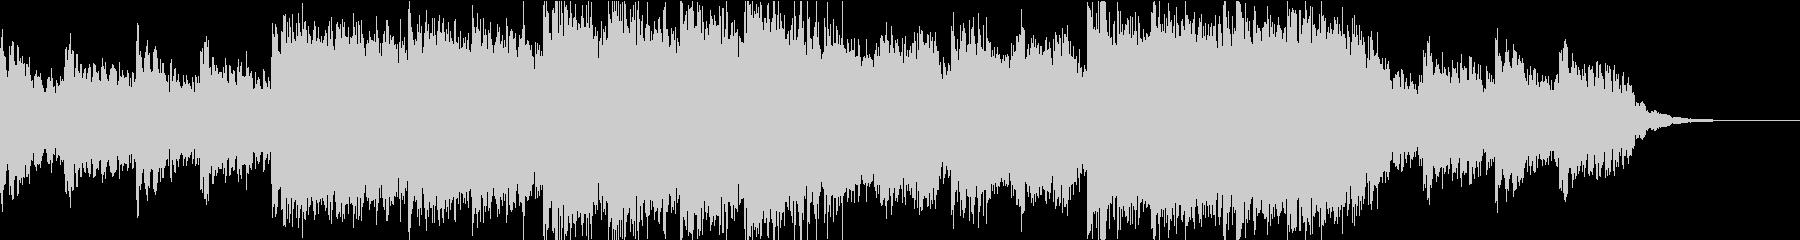 ダークエナジー /オーケストラ・エピックの未再生の波形